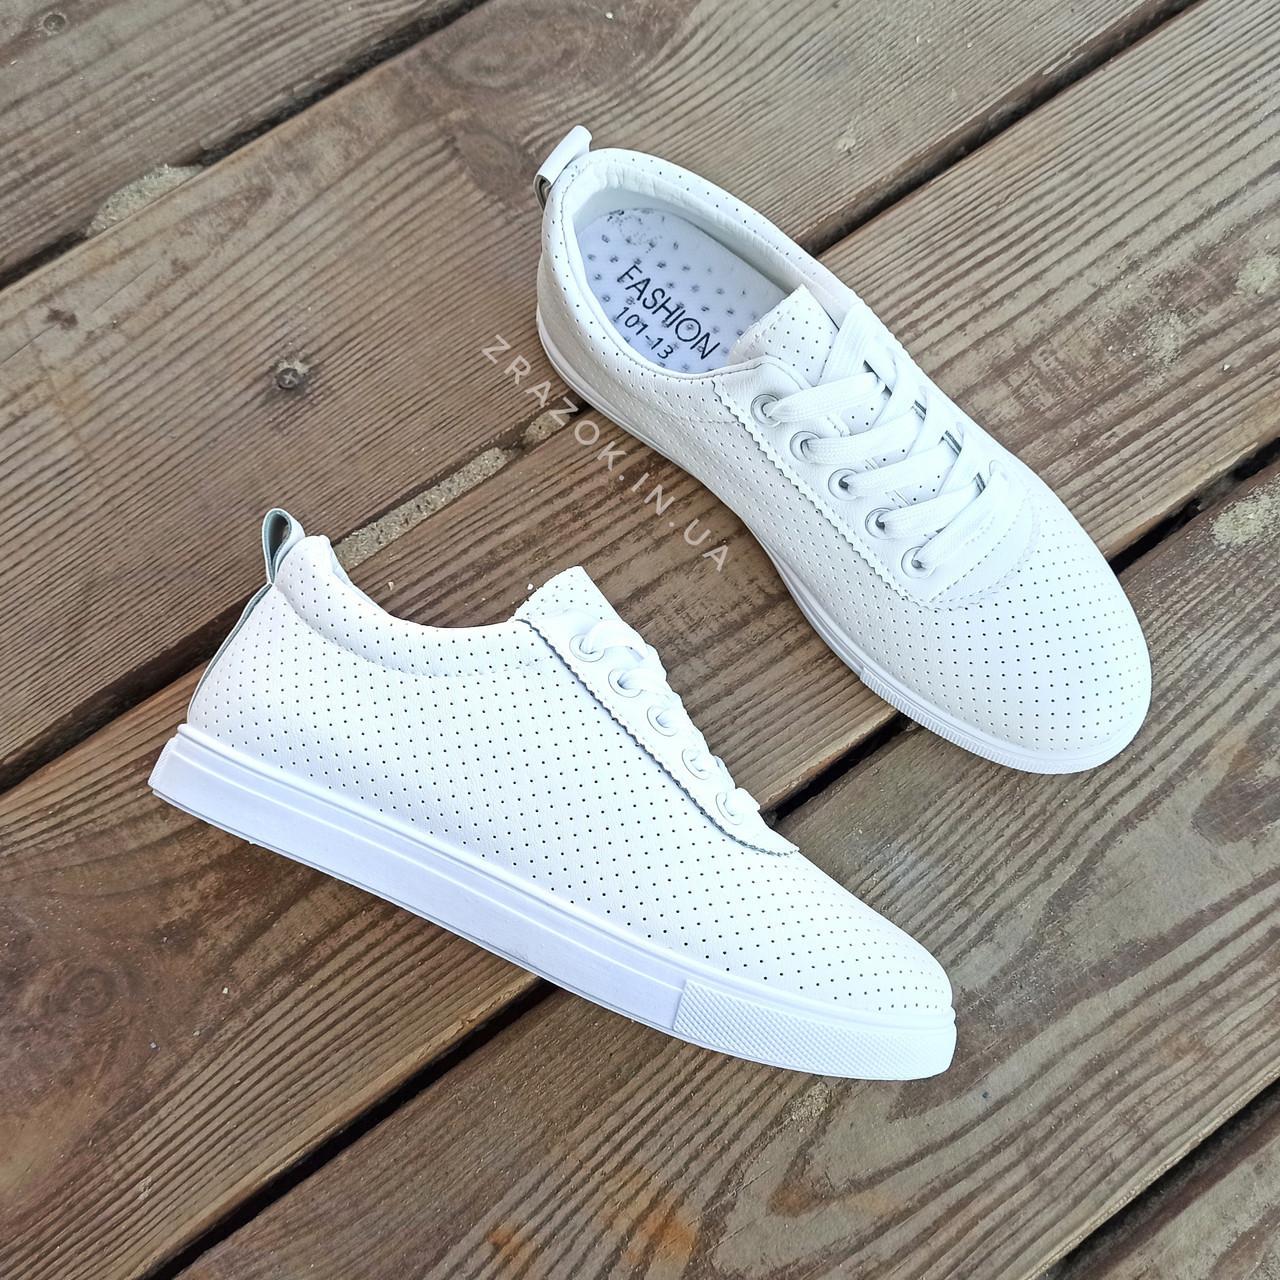 ПОСЛЕДНИЕ РАЗМЕРЫ 36, 39 Белые кроссовки эко - кожа текстиль мокасины легкие летние дышащие перфорация